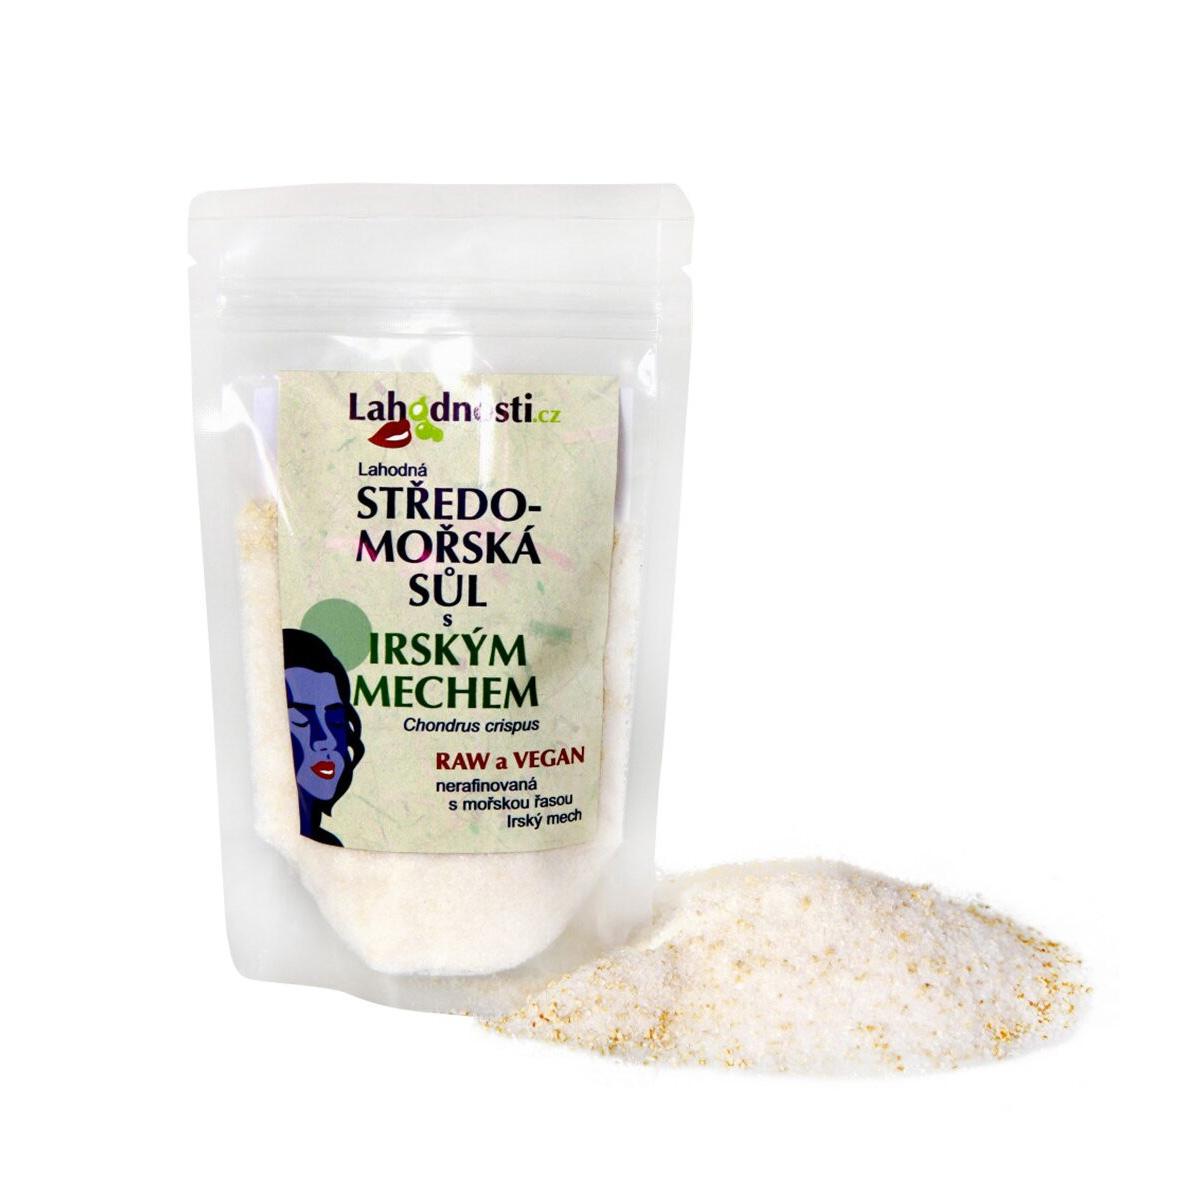 Lahodnosti Středomořská sůl s Irským mechem 200 g